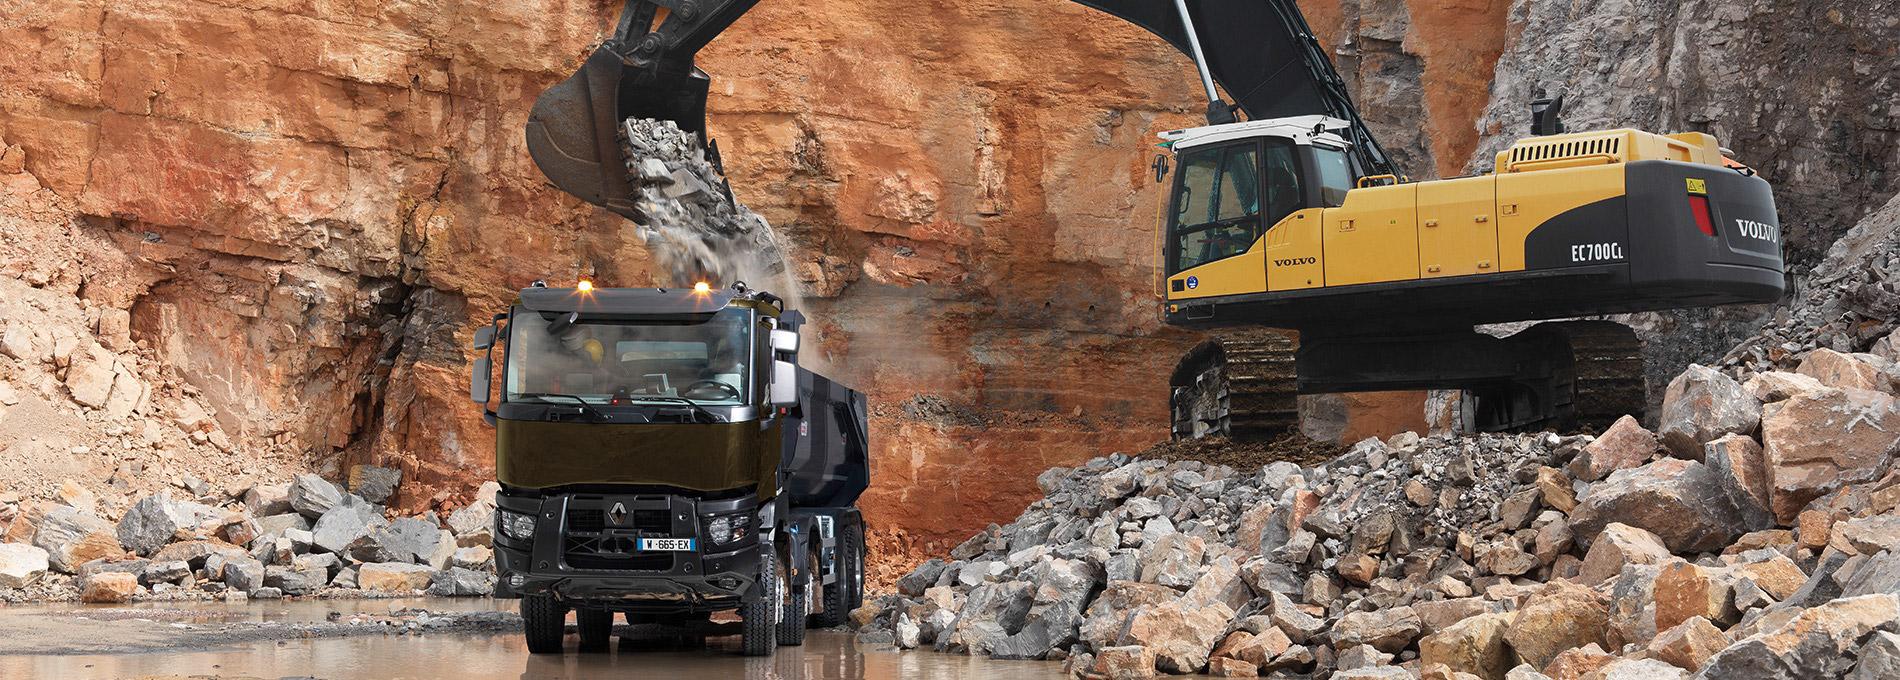 photo-vehicul-industrielle